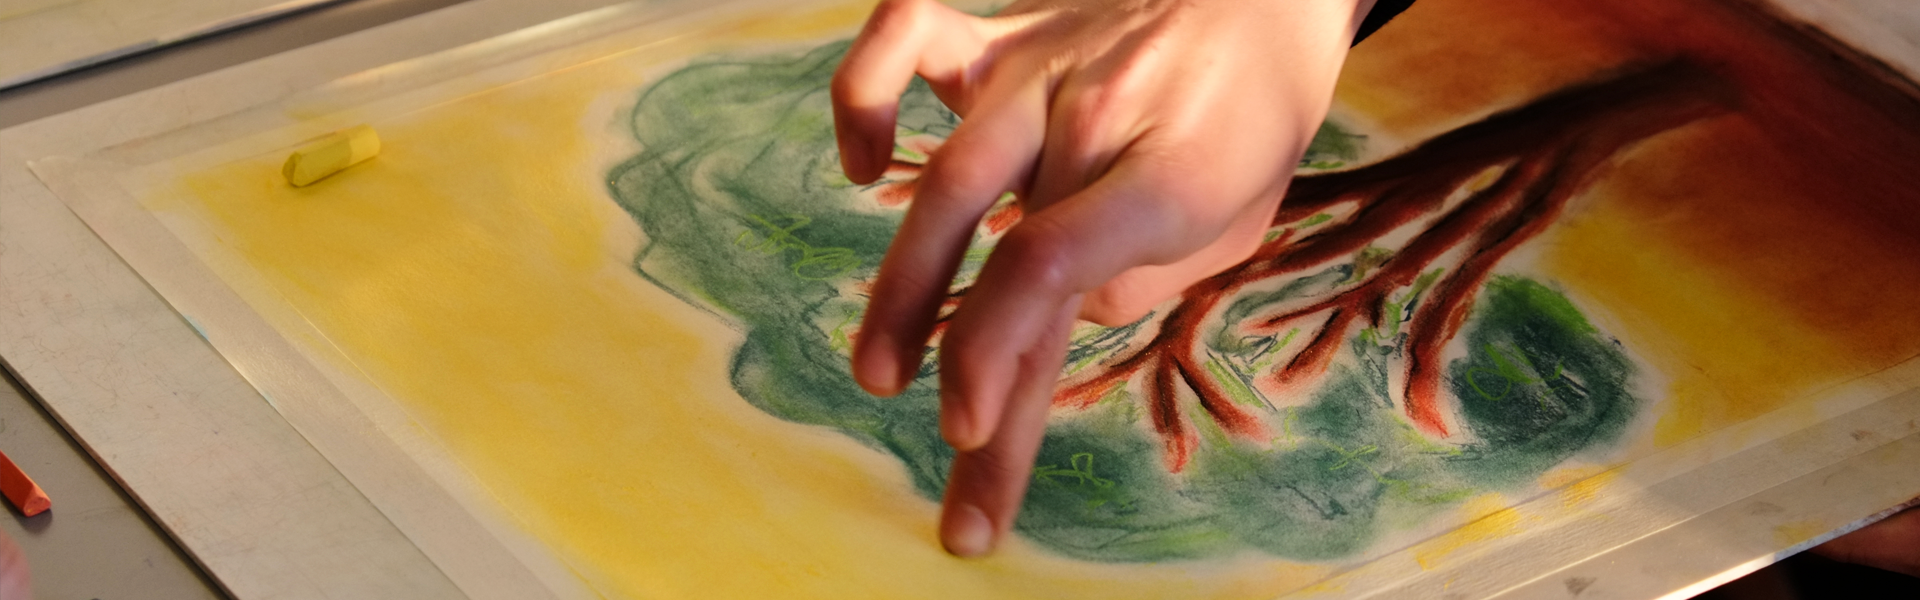 mão a desenhar